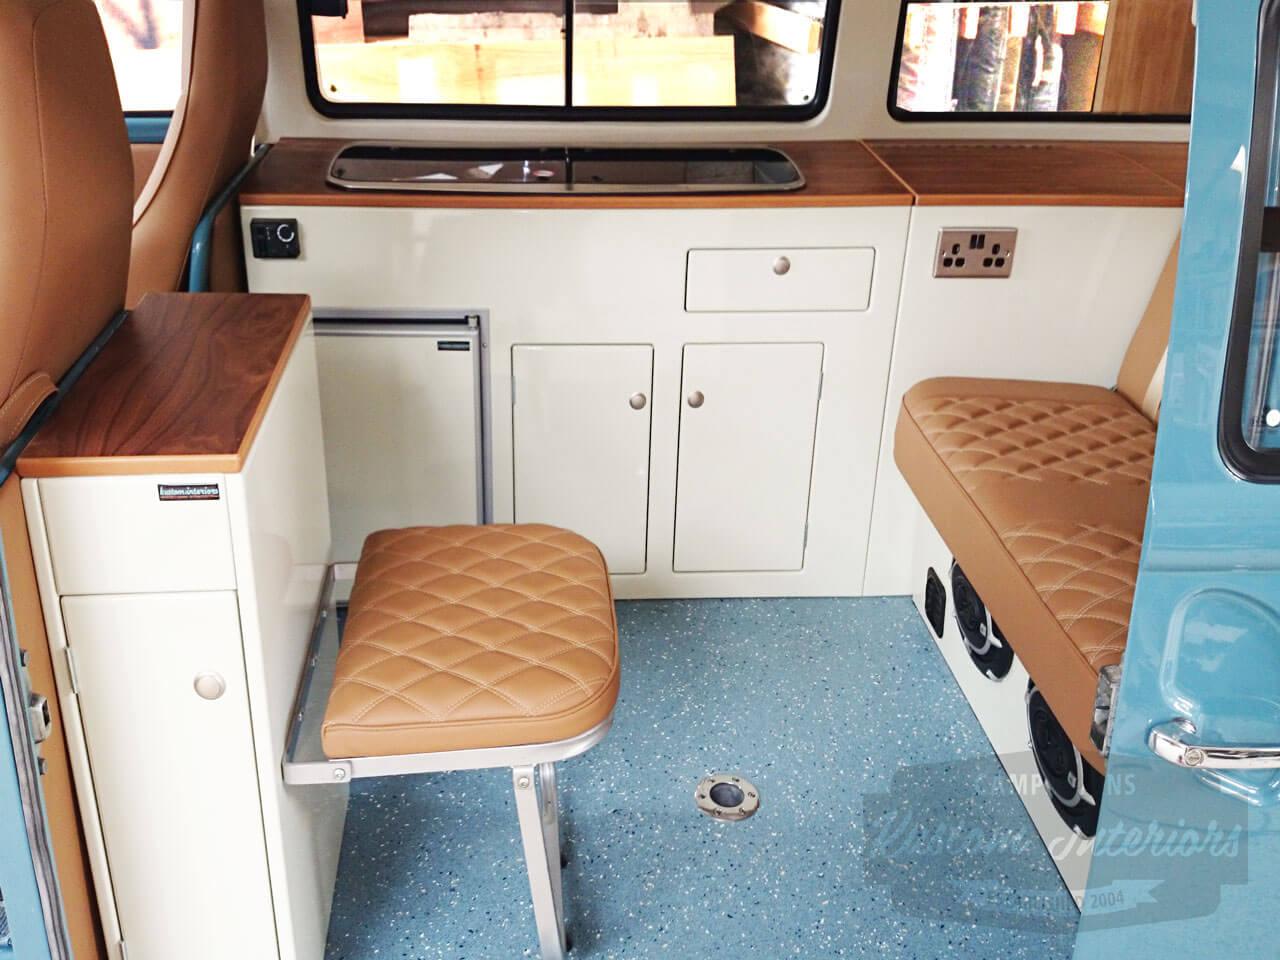 43160e8831 T2 Bay Interiors - VW Camper Interiors - Camper Conversions - Kustom  Interiors Cornwall